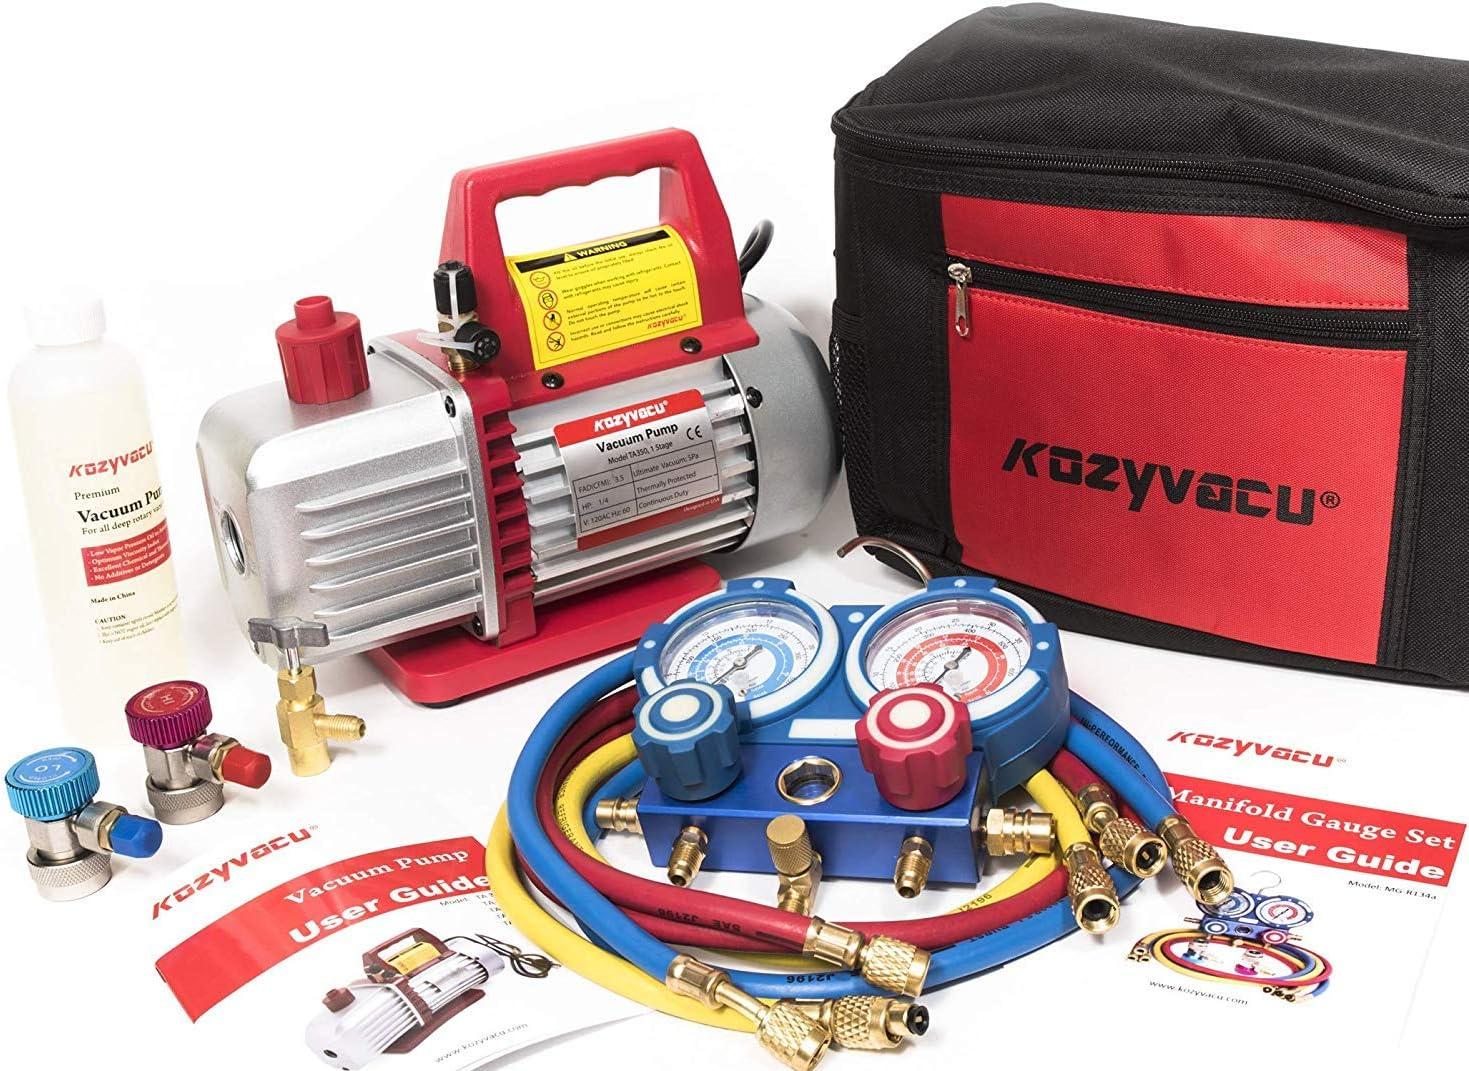 Kozyvacu AUTO AC Repair Kit